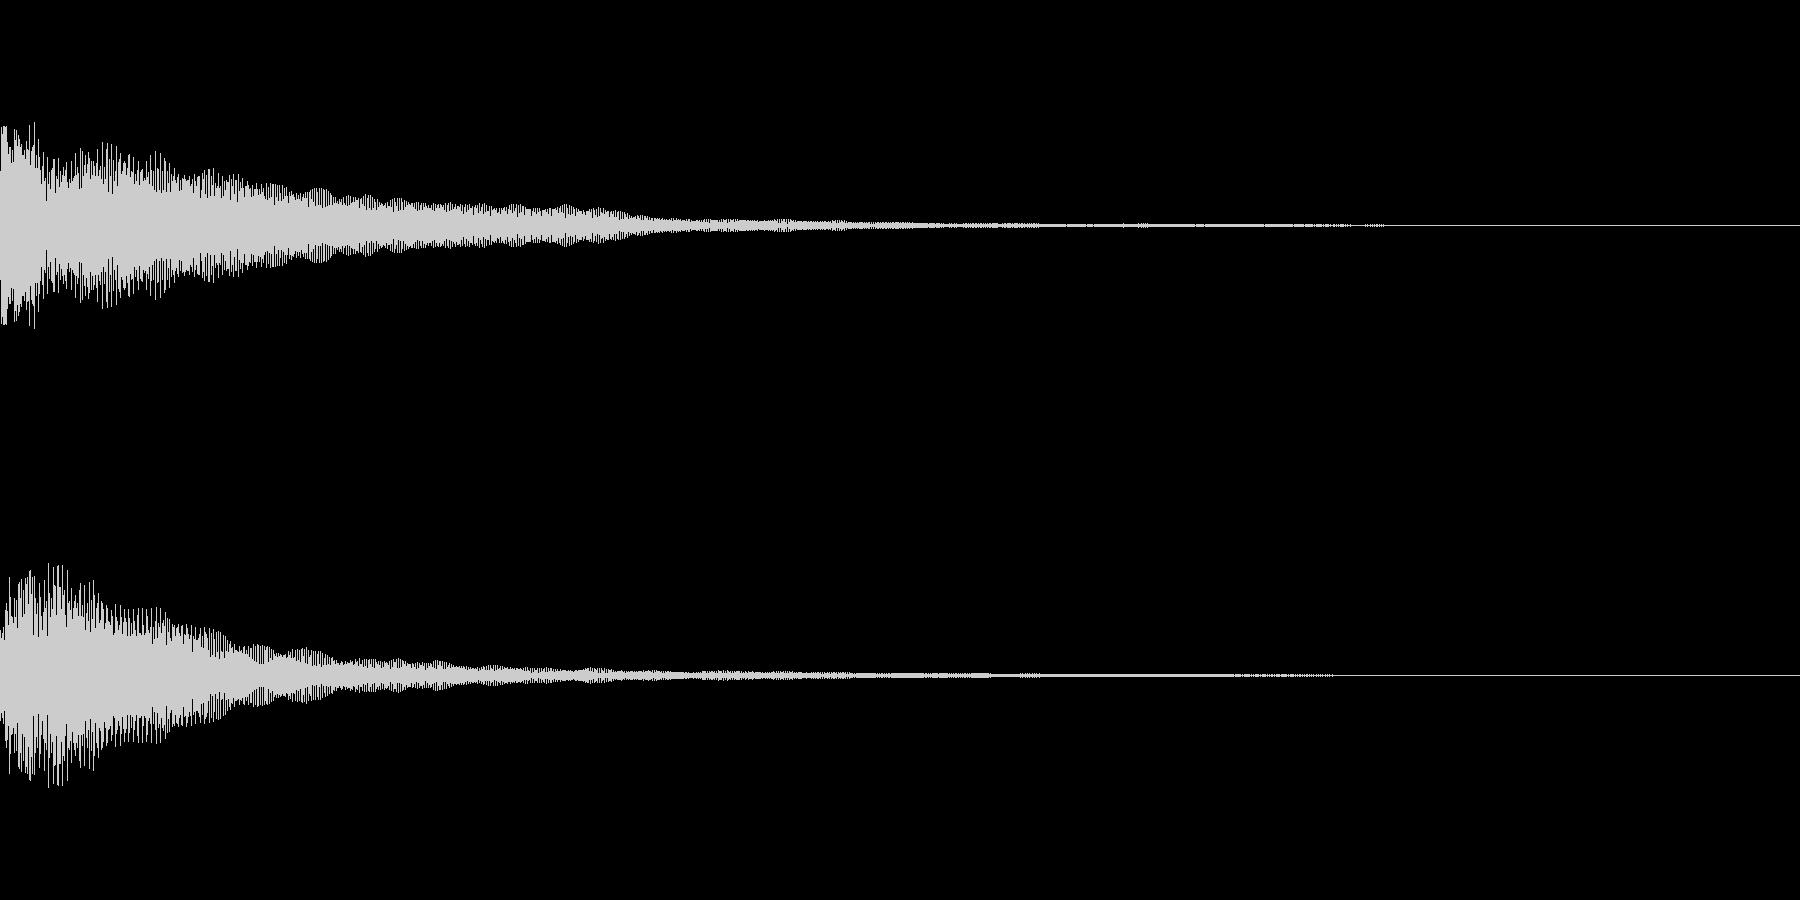 コイン選択設定画面ボタンオープン時の音の未再生の波形